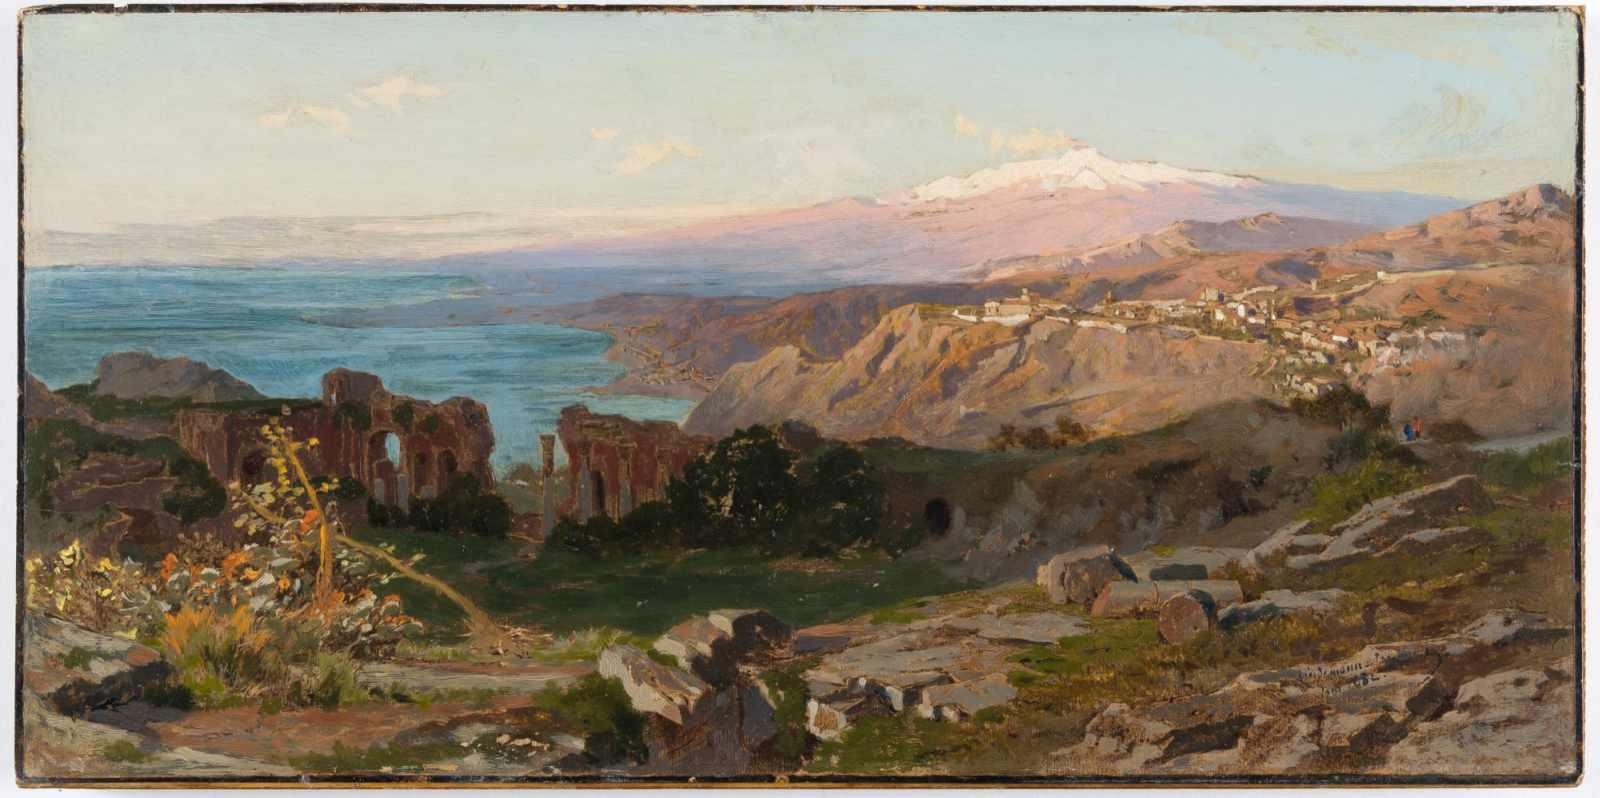 Lot 31 - Karl Lindemann-Frommel1819 Markirch - Rom 1891Das griechische Theater in Taormina mit Blick auf